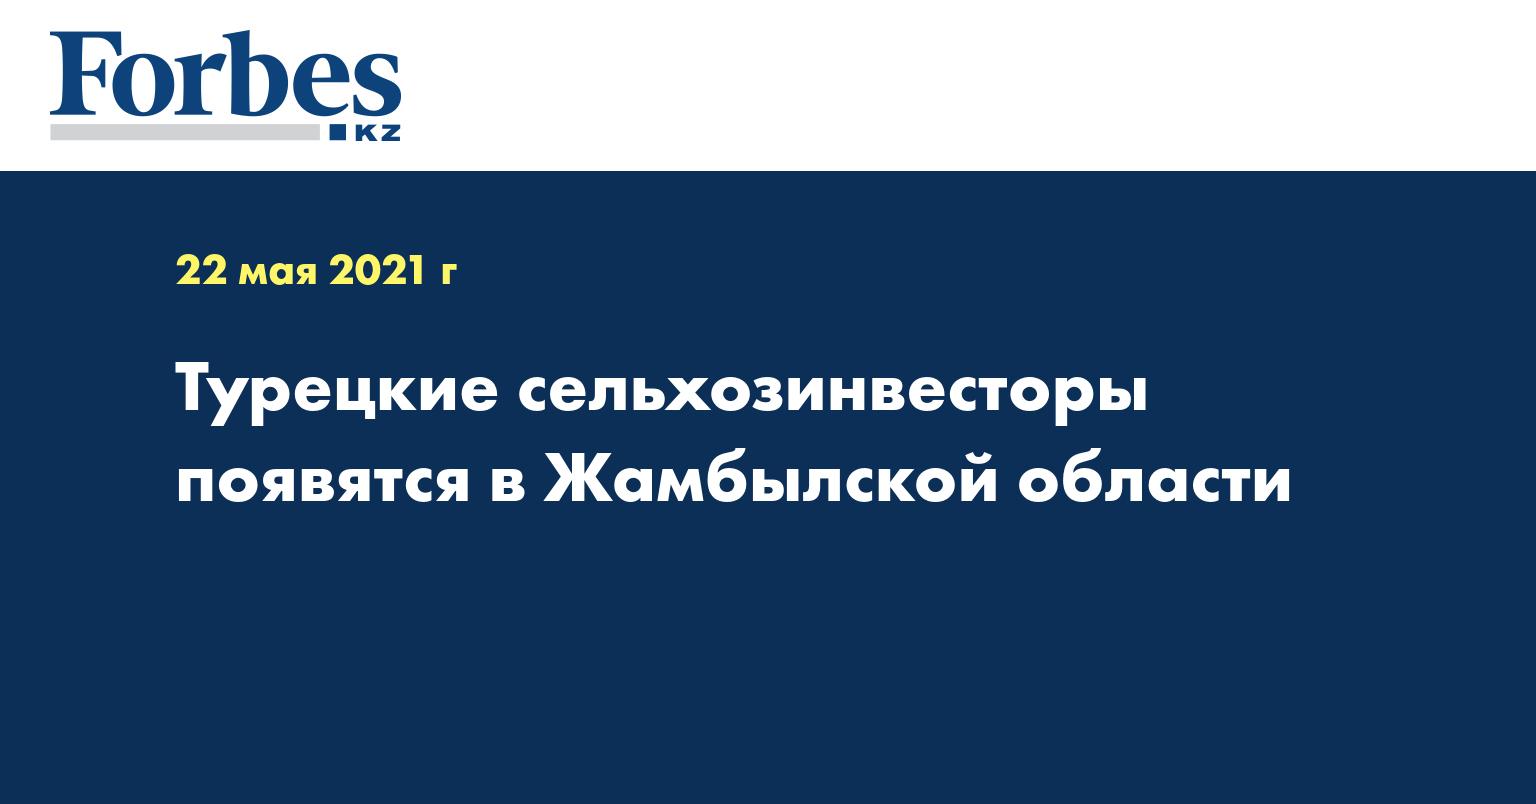 Турецкие сельхозинвесторы появятся в Жамбылской области